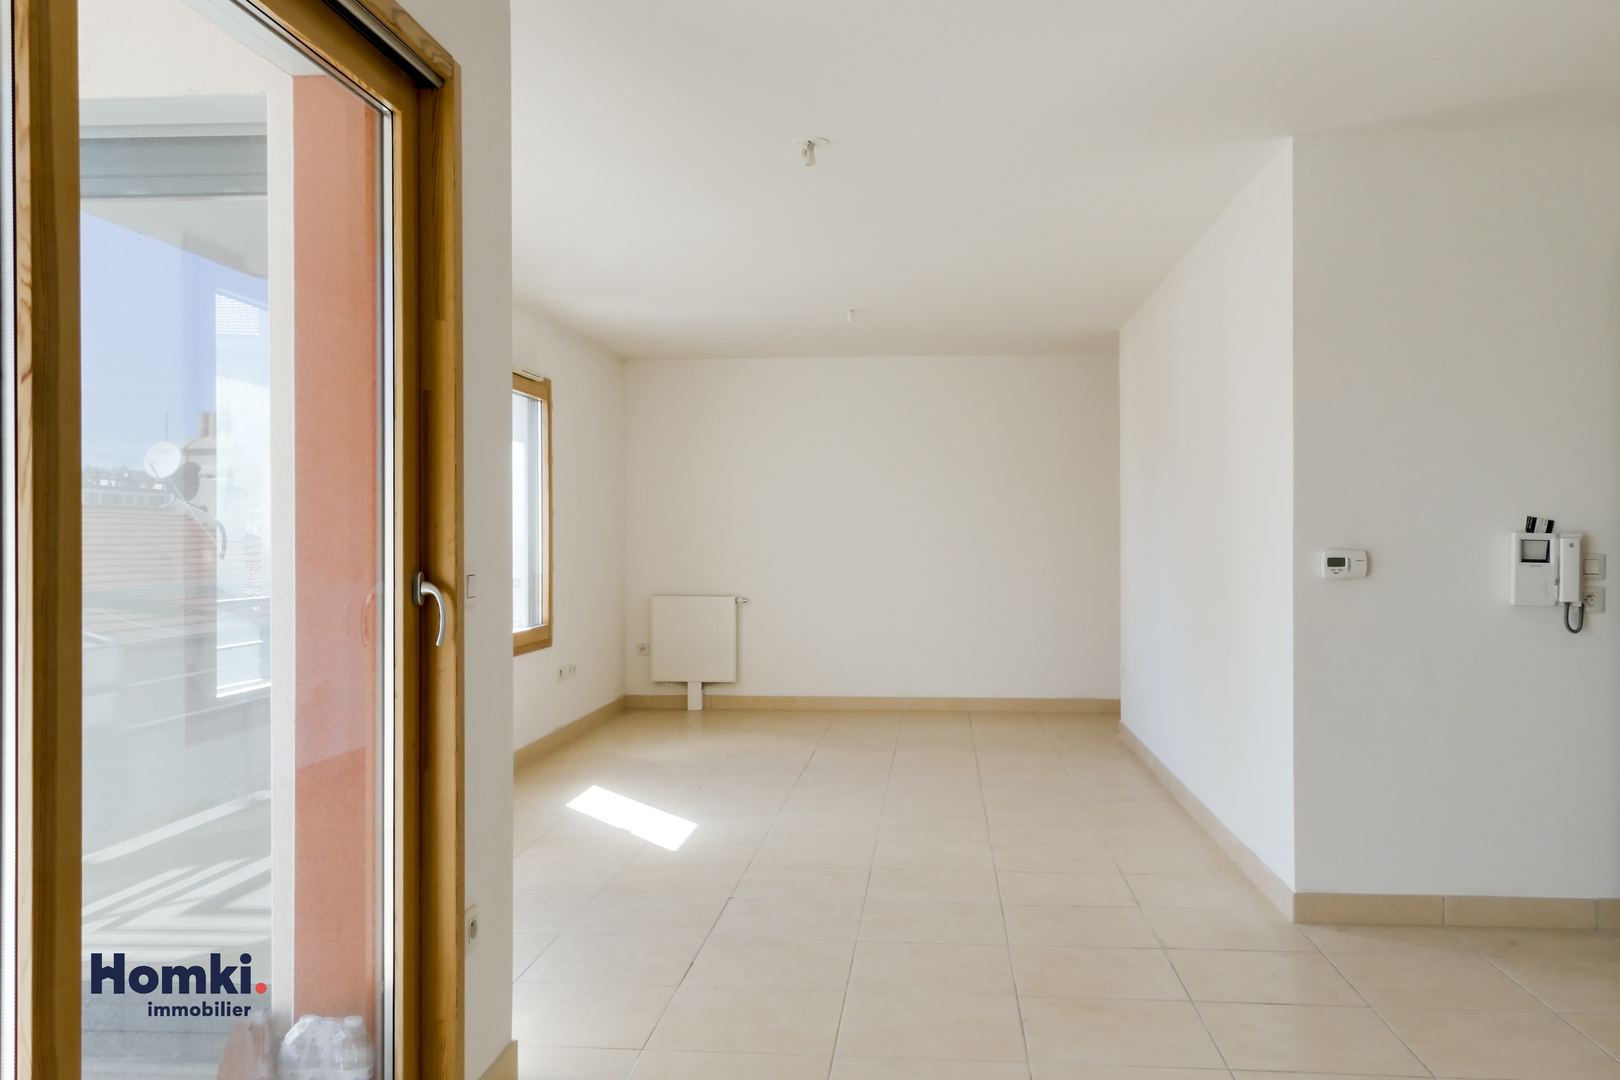 Vente appartement 87m² T3 42100_5